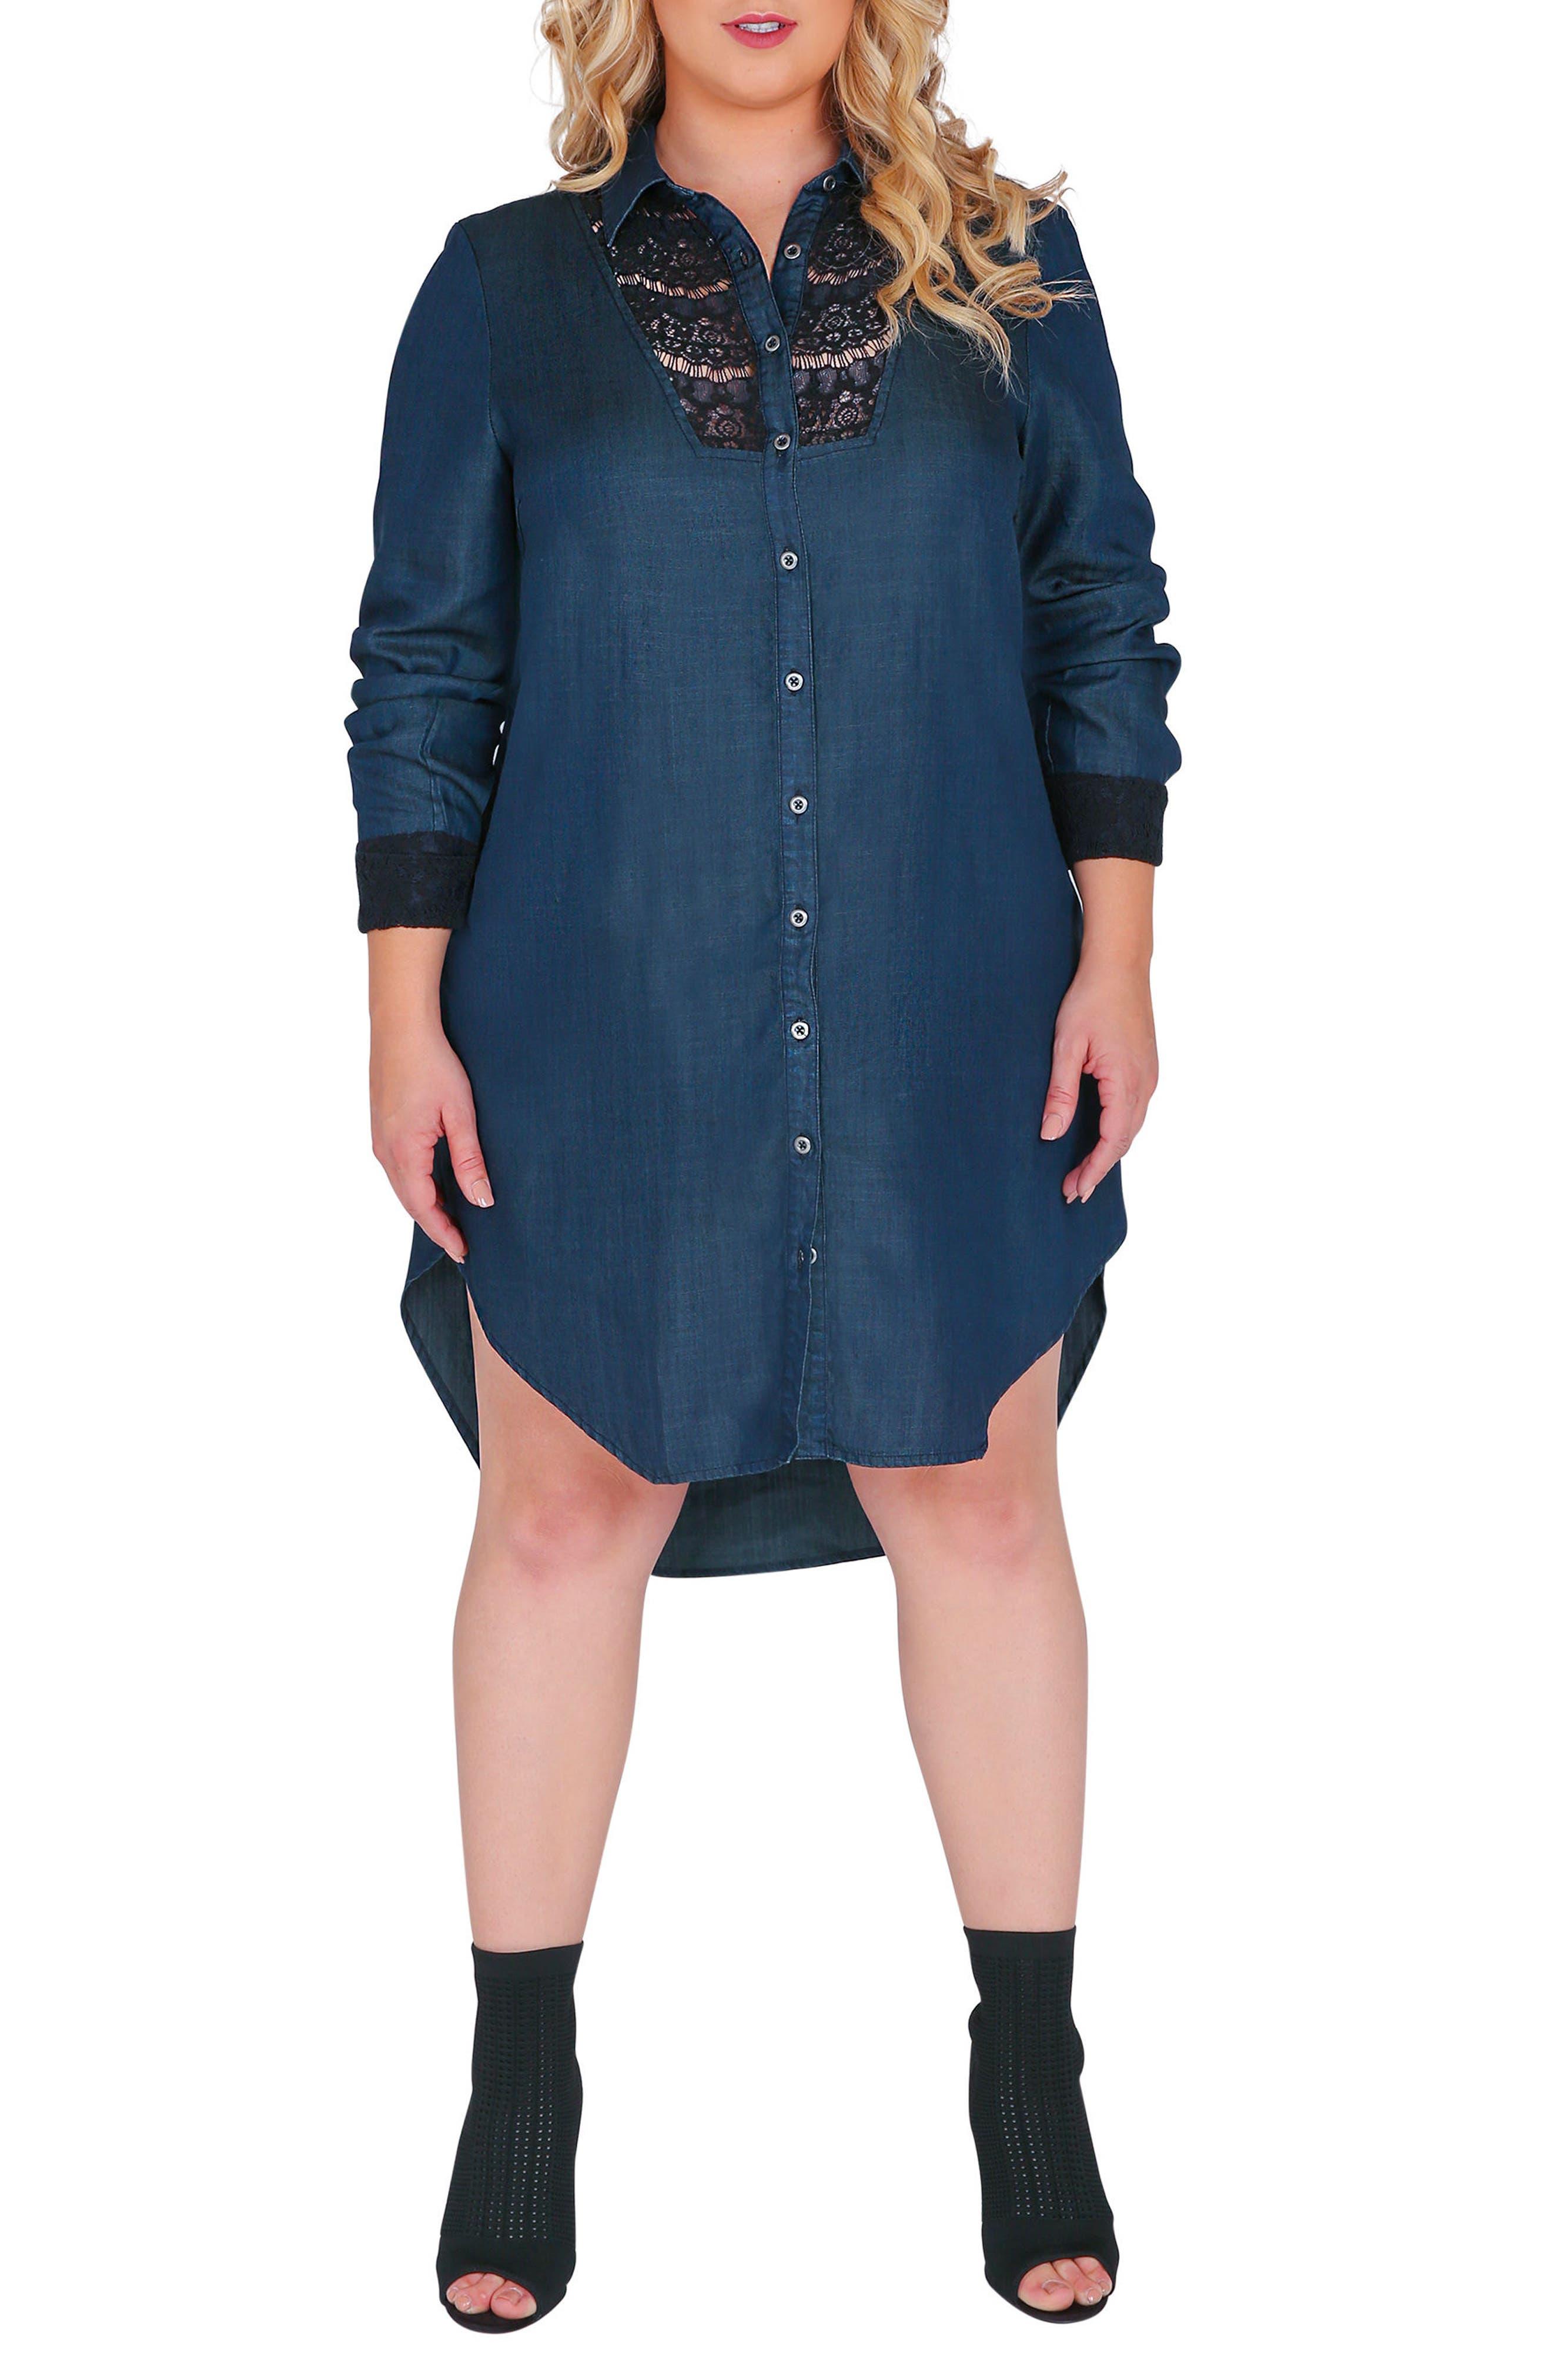 STANDARDS & PRACTICES Felicity Lace Trim Denim Shirtdress, Main, color, BLUE